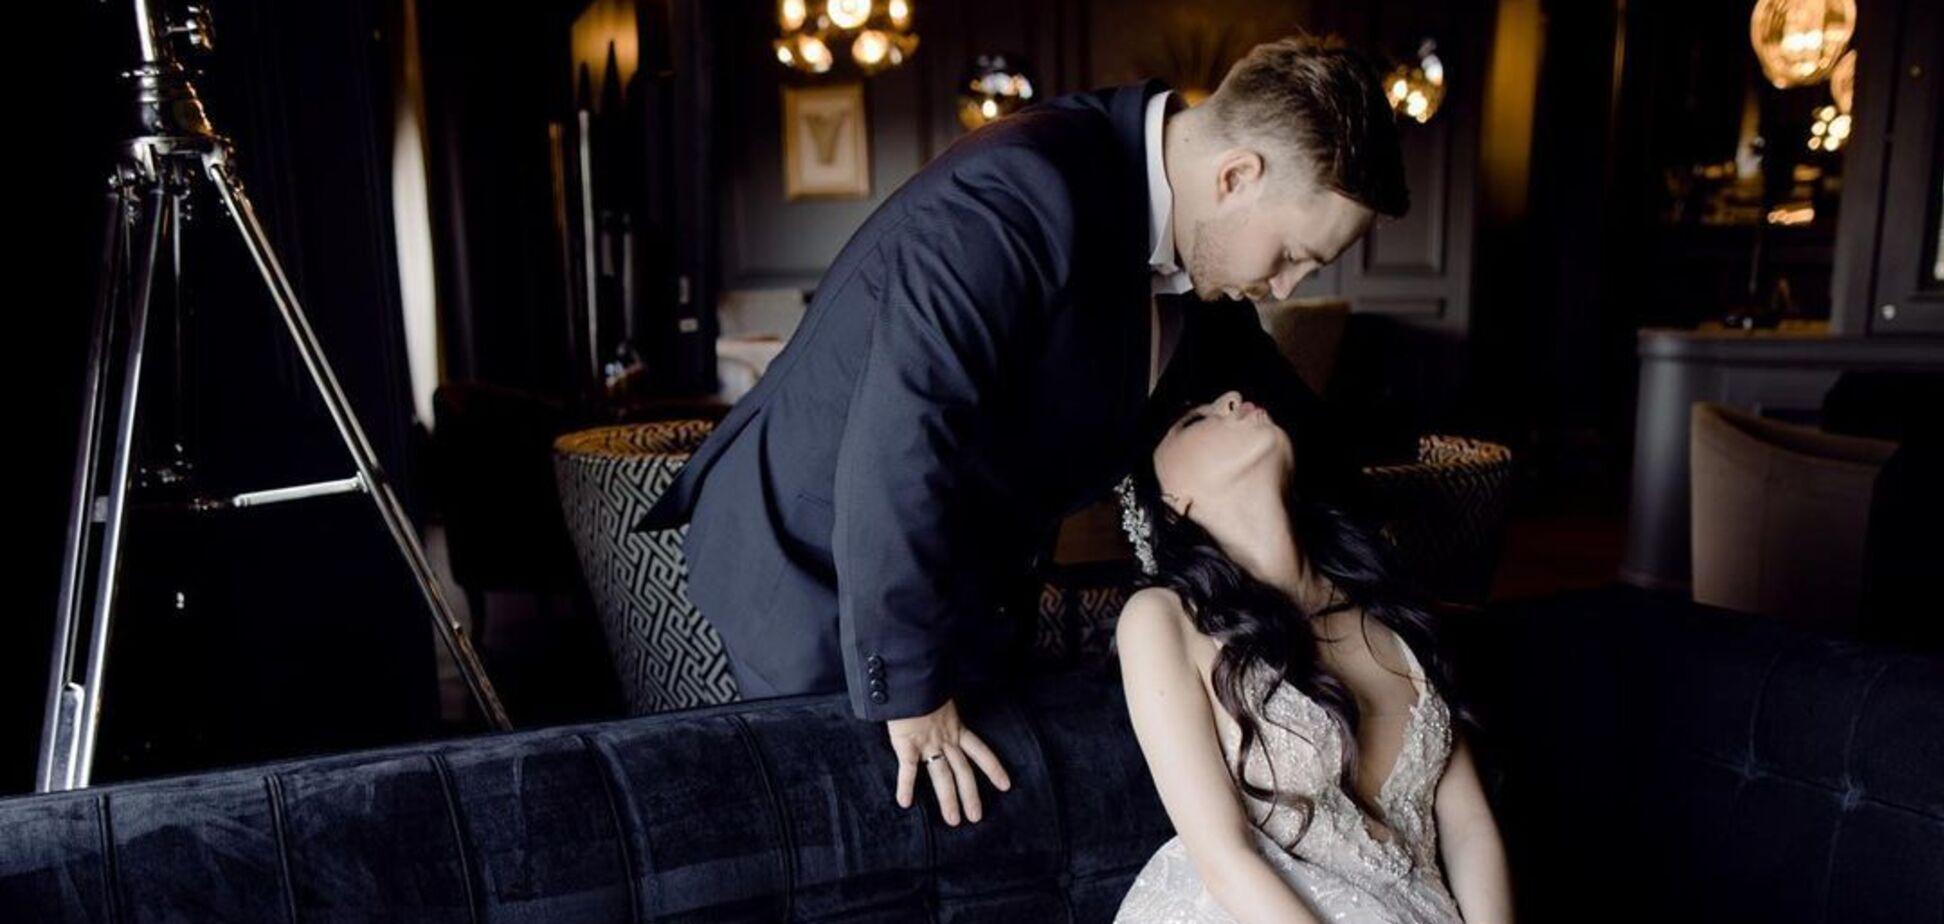 Соня Кей поздравила мужа с годовщиной свадьбы